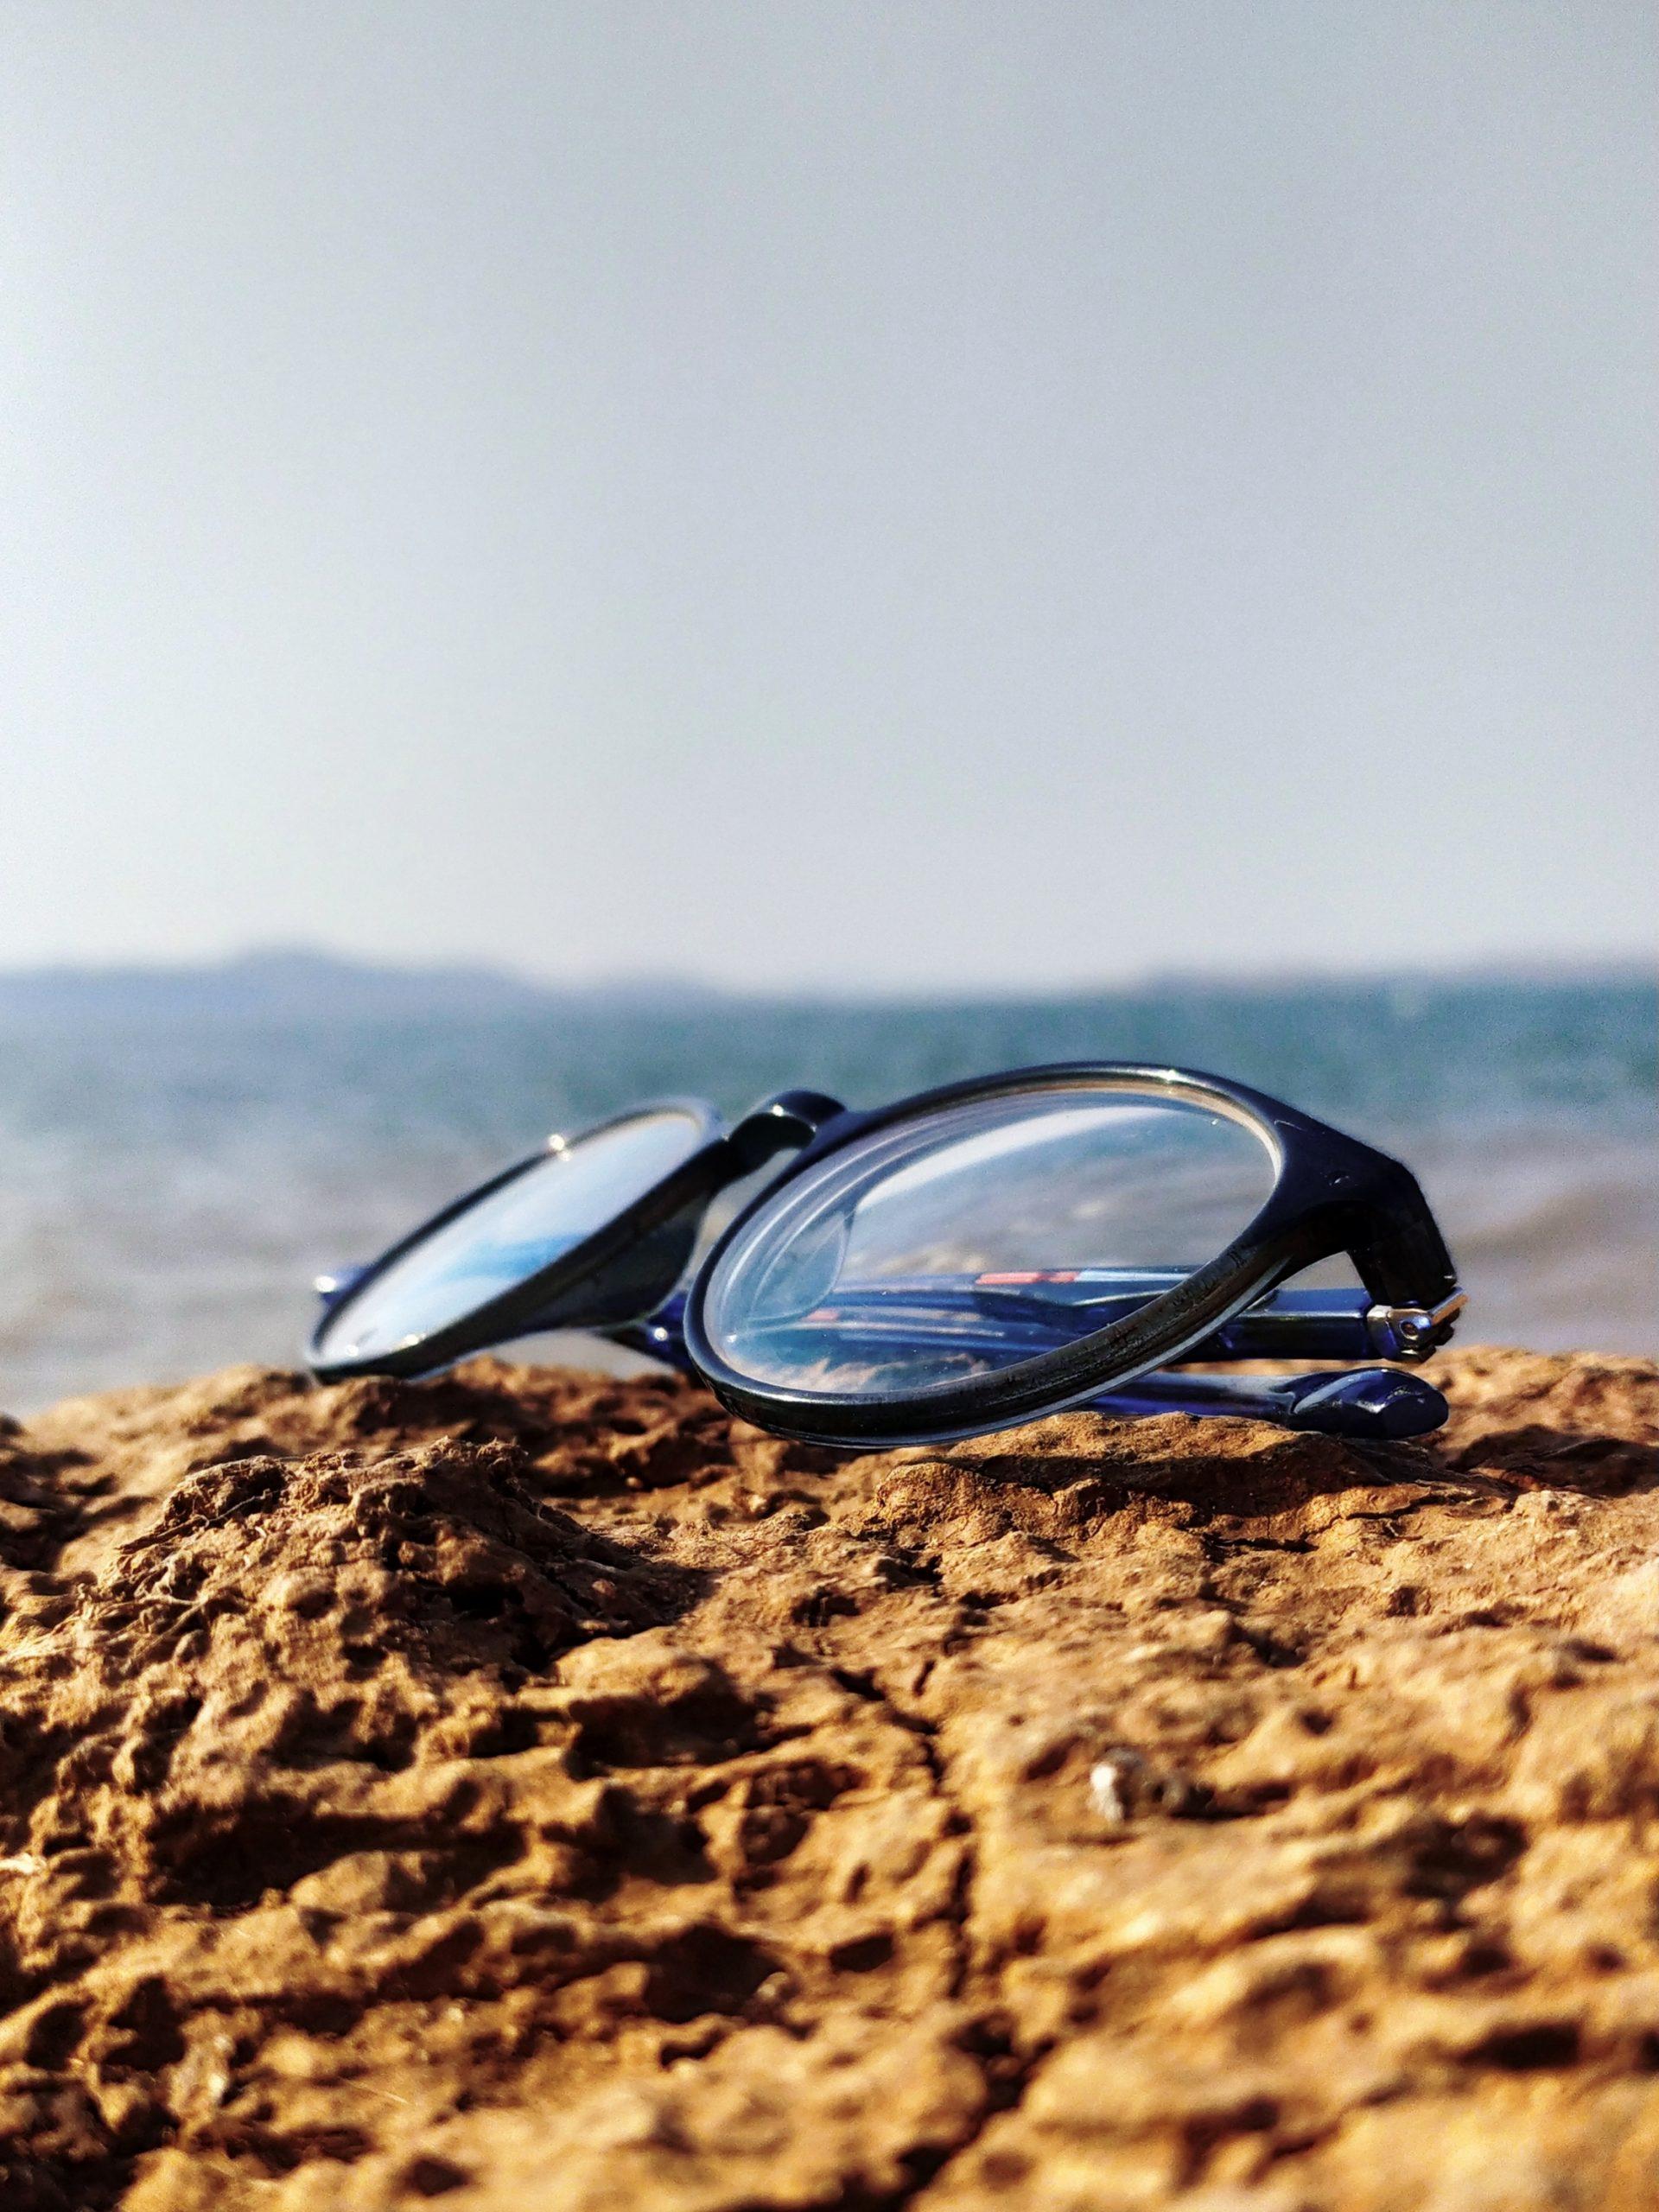 Goggles in a beach